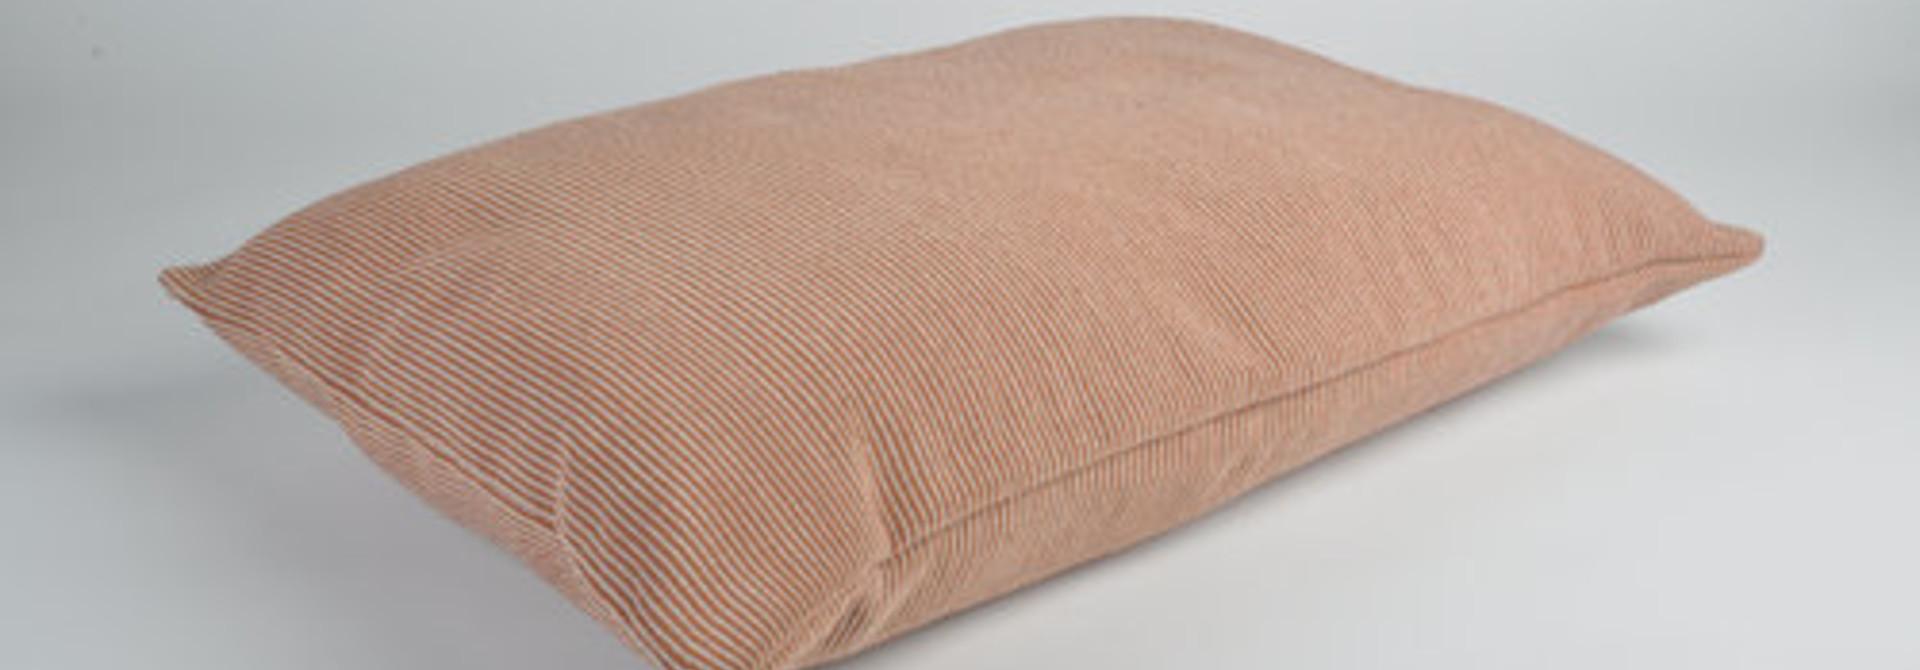 Snooze Kussen roze met beige strepen